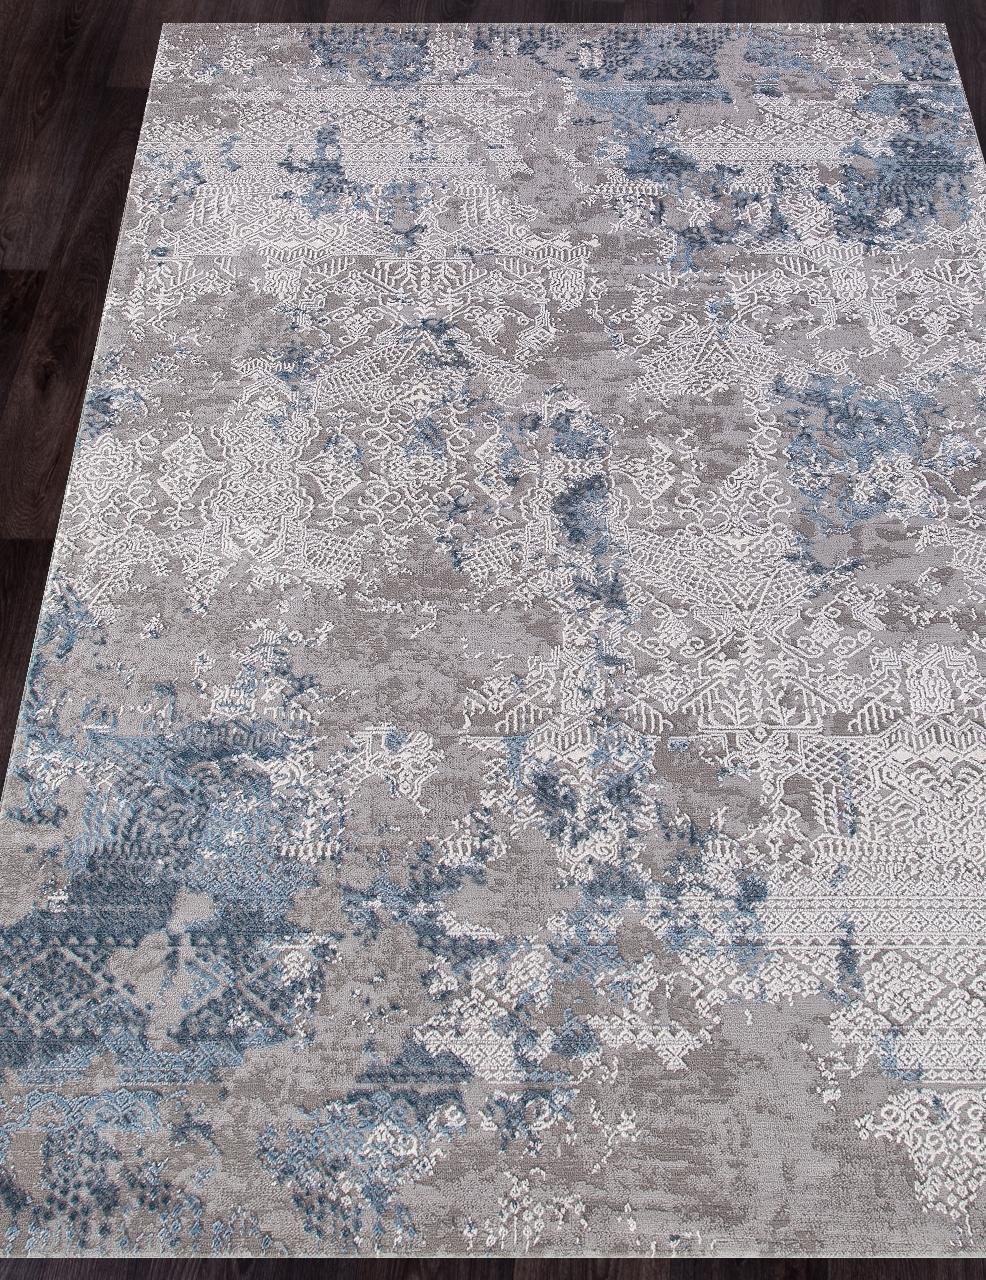 Ковер 03851A - BLUE / BLUE - Прямоугольник - коллекция ARMINA